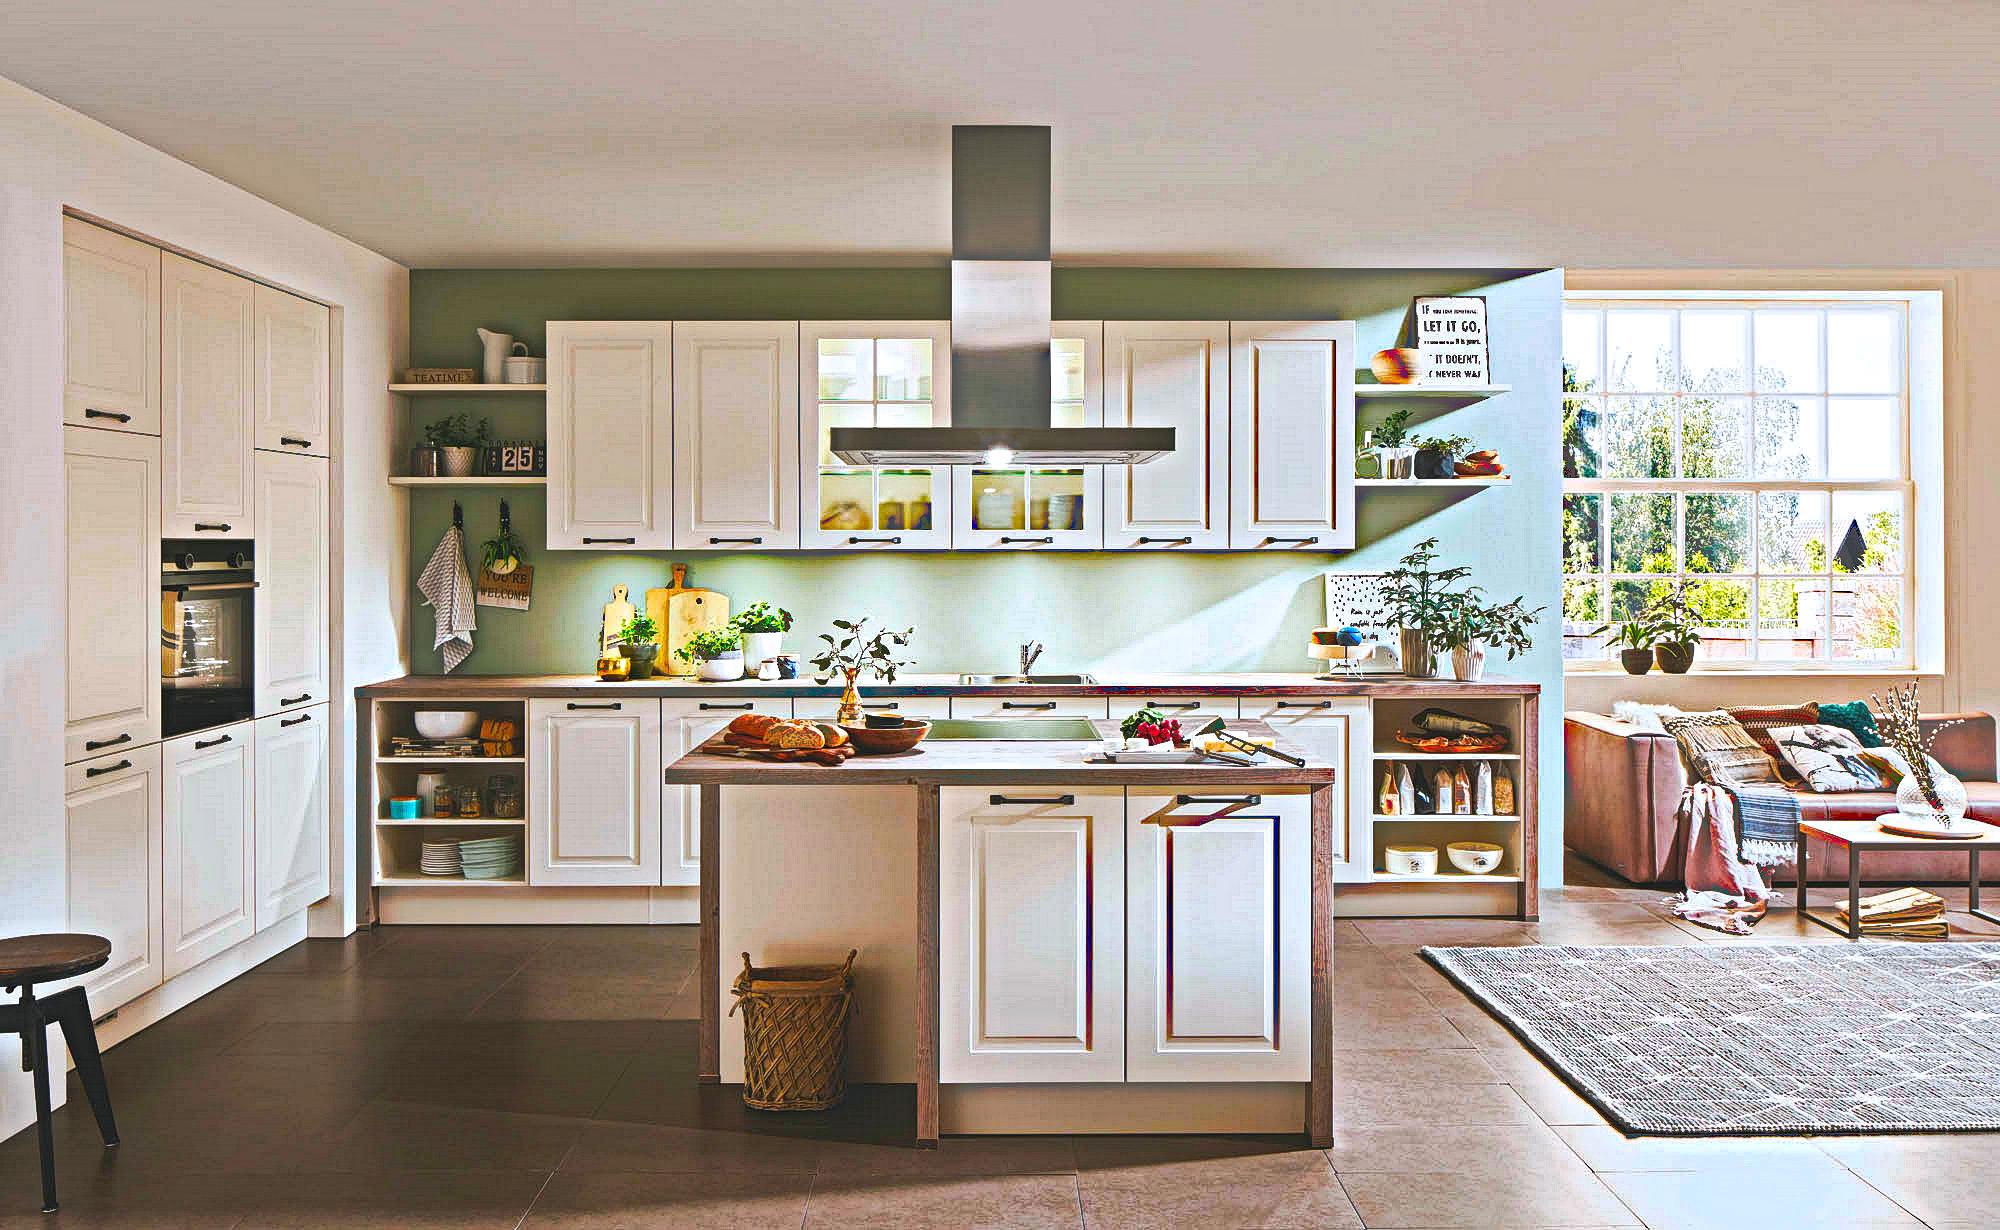 Full Size of Küche Landhausstil Möbelix Küche Im Landhausstil Landhausstil Küchenregal Küche Landhausstil Ohne Geräte Küche Landhausstil Küche